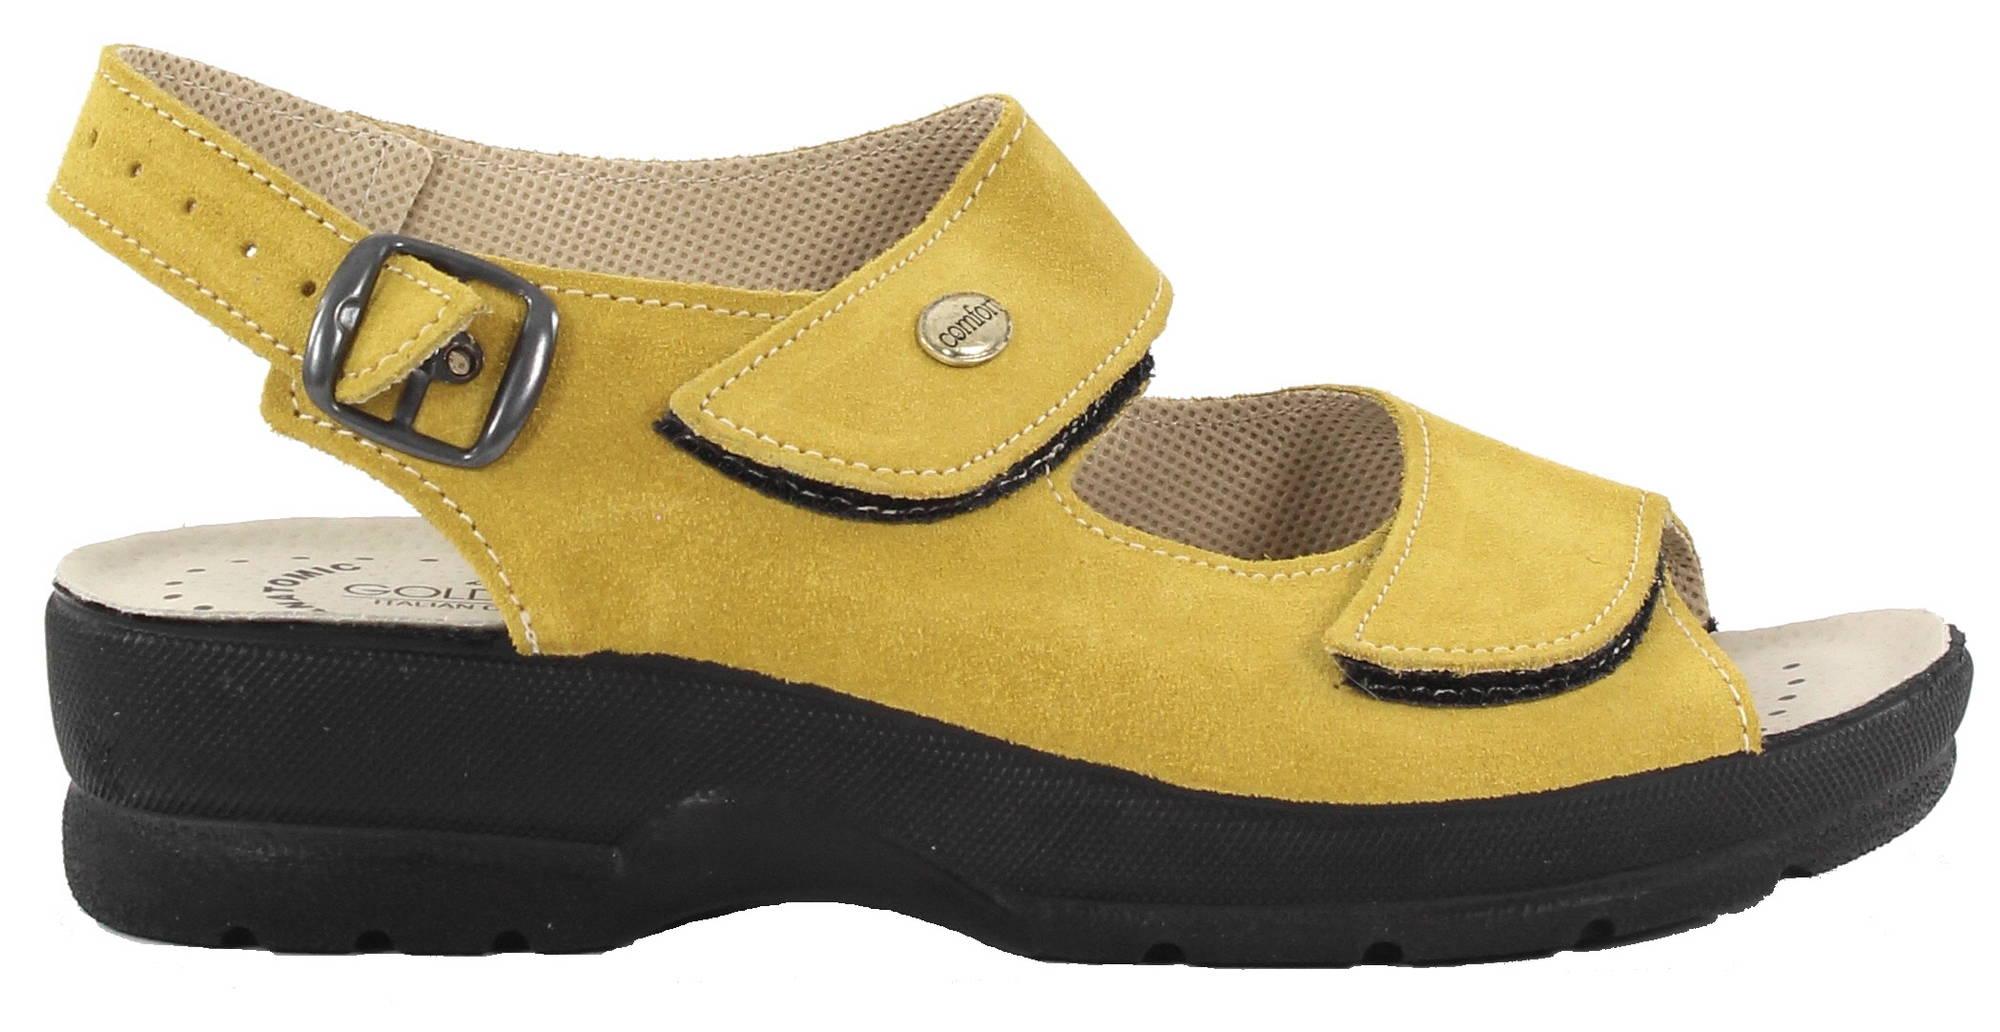 Golden Fit Sandaalit 696 musta mokka Stiletto.fi verkkokauppa